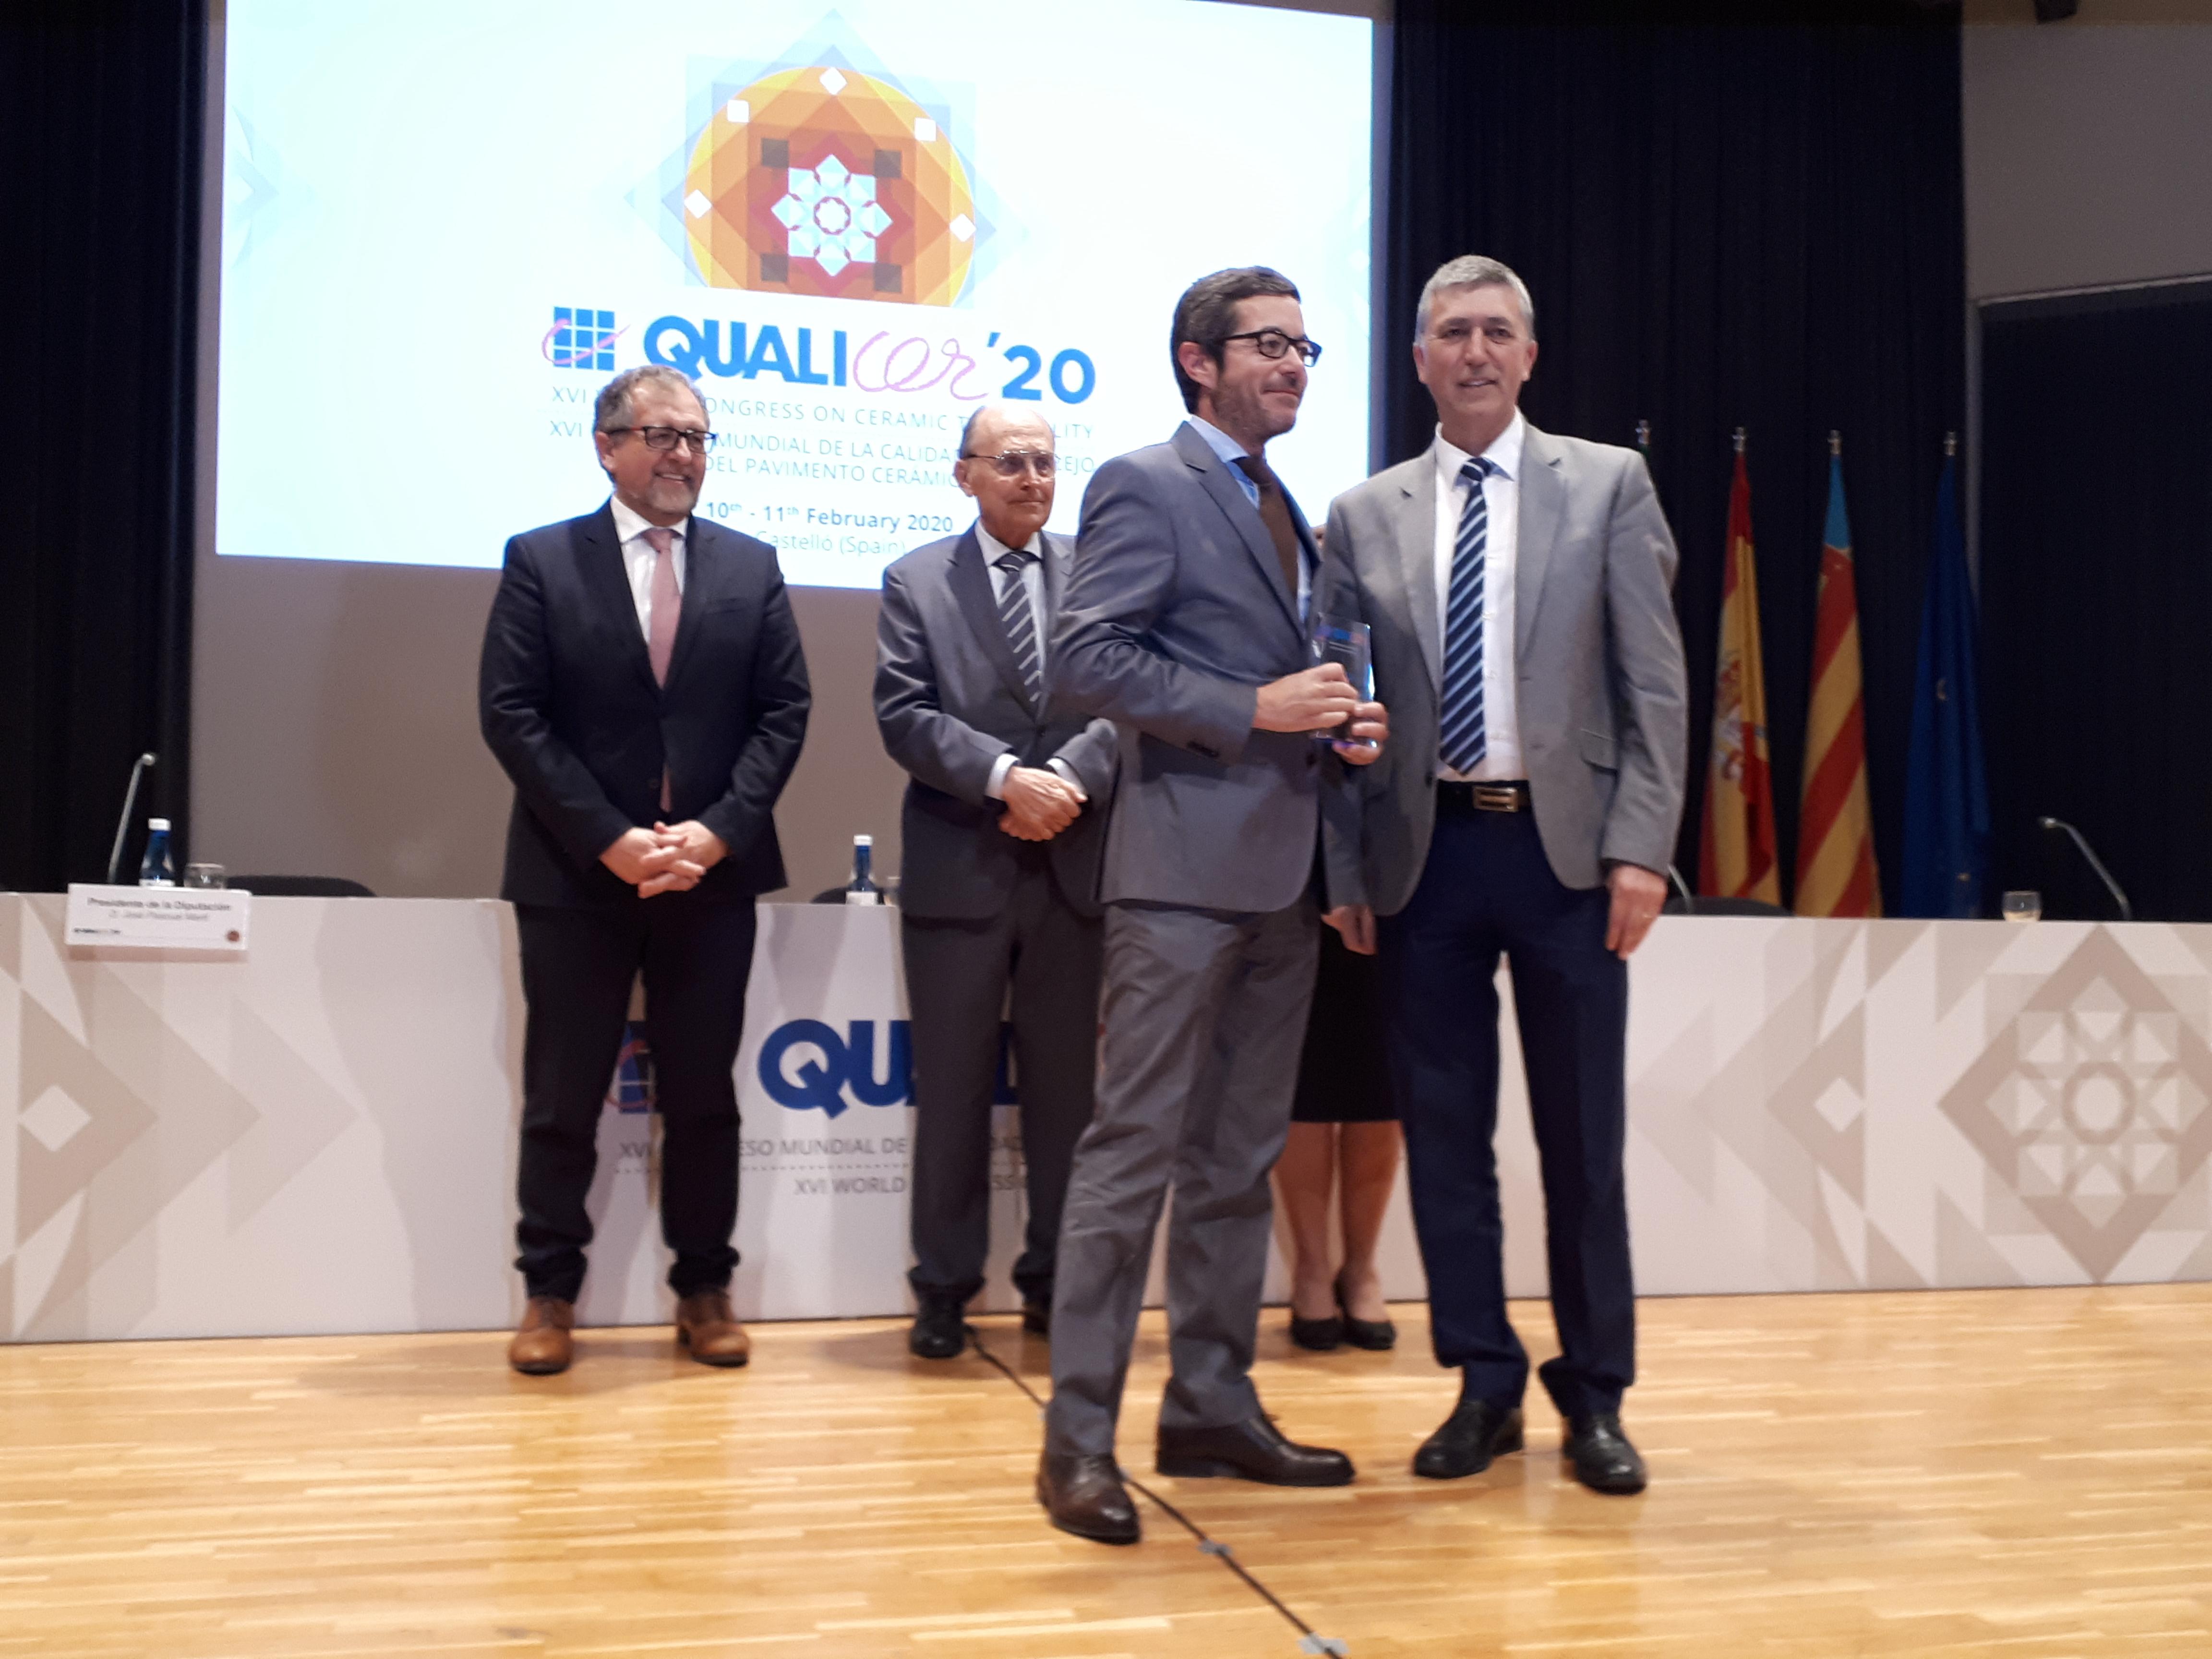 """Climent: """"El sector ceràmic és un referent a seguir en l""""estratègia de reindustrialització que impulsa la Generalitat"""""""